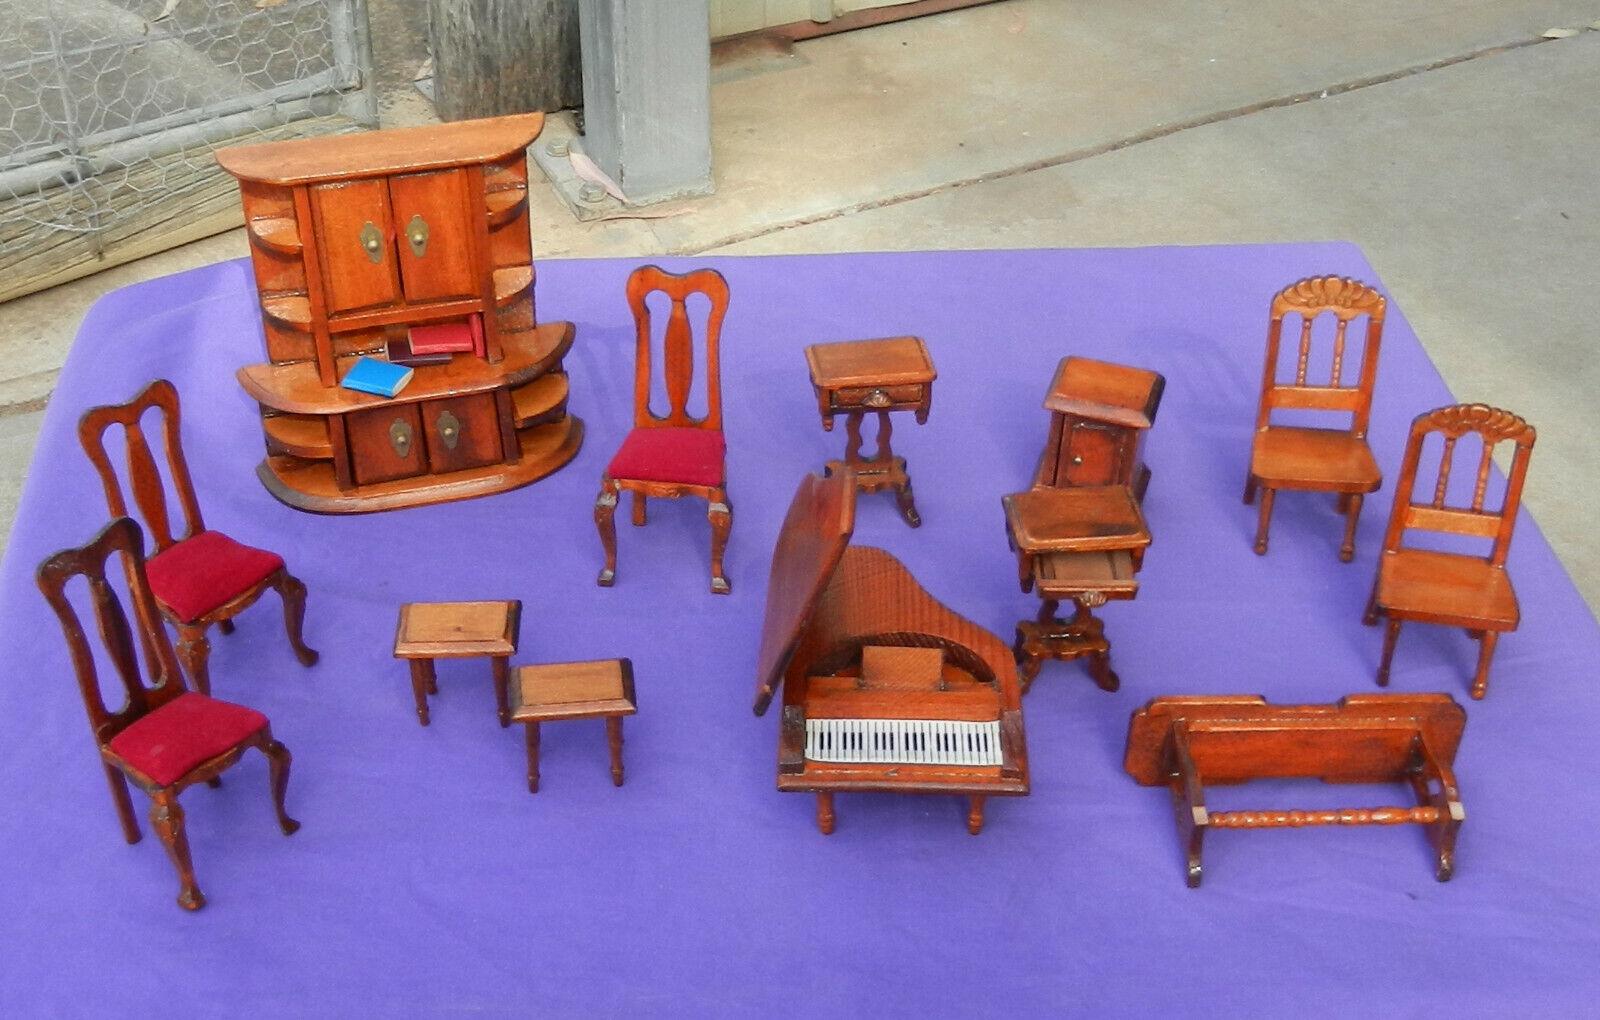 Jahr Miniature Holzen Dollhaus Möbel Books Handcrafted 13 Piece  (b)